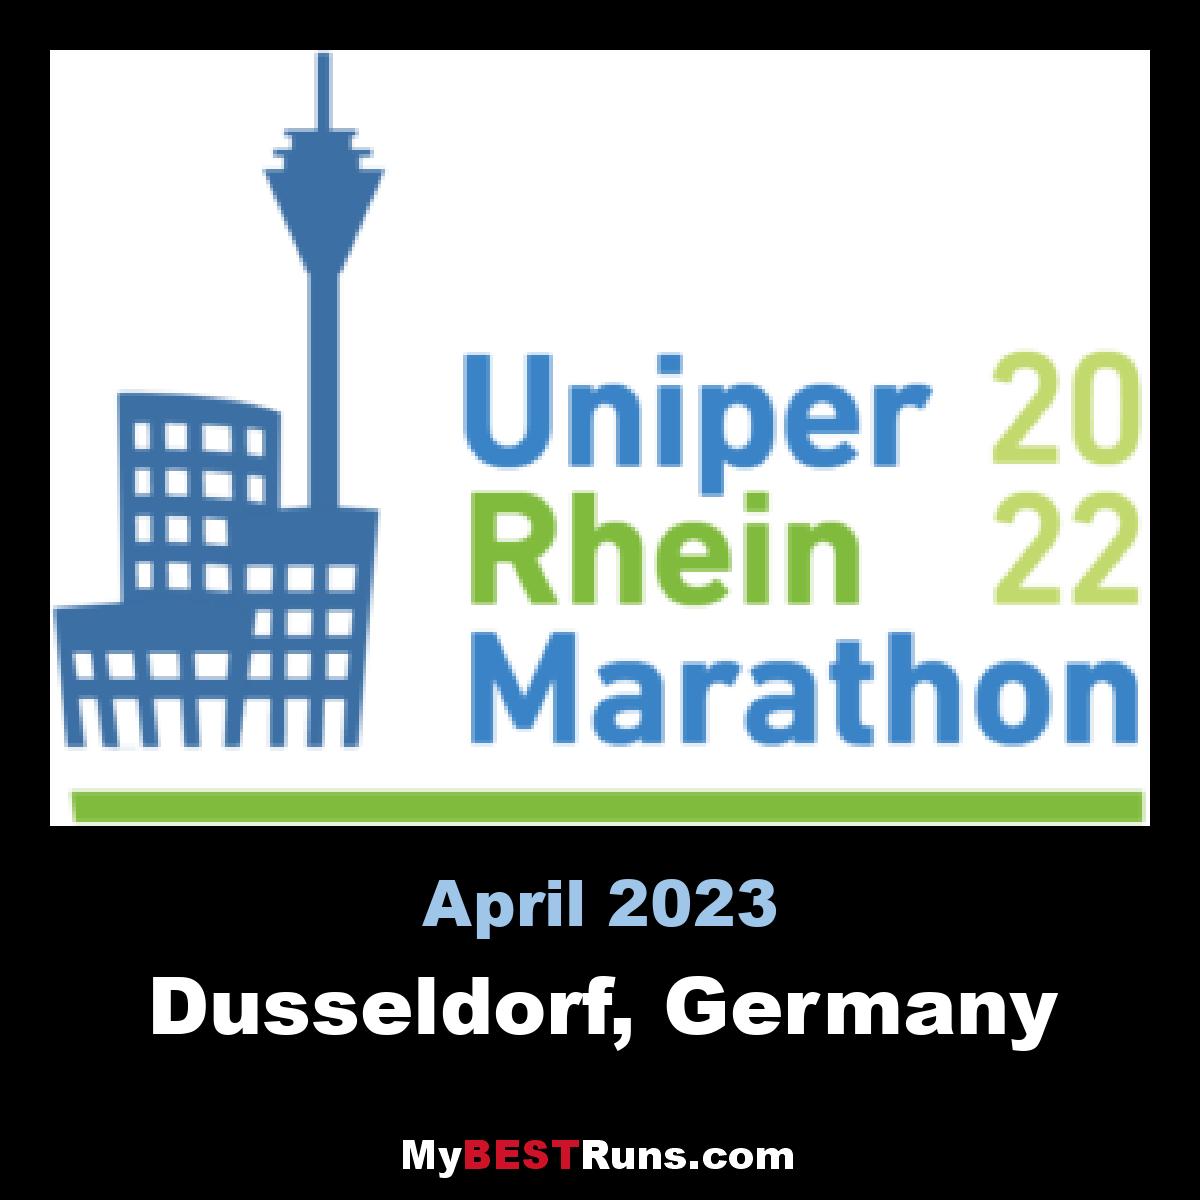 METRO Marathon Dusseldorf